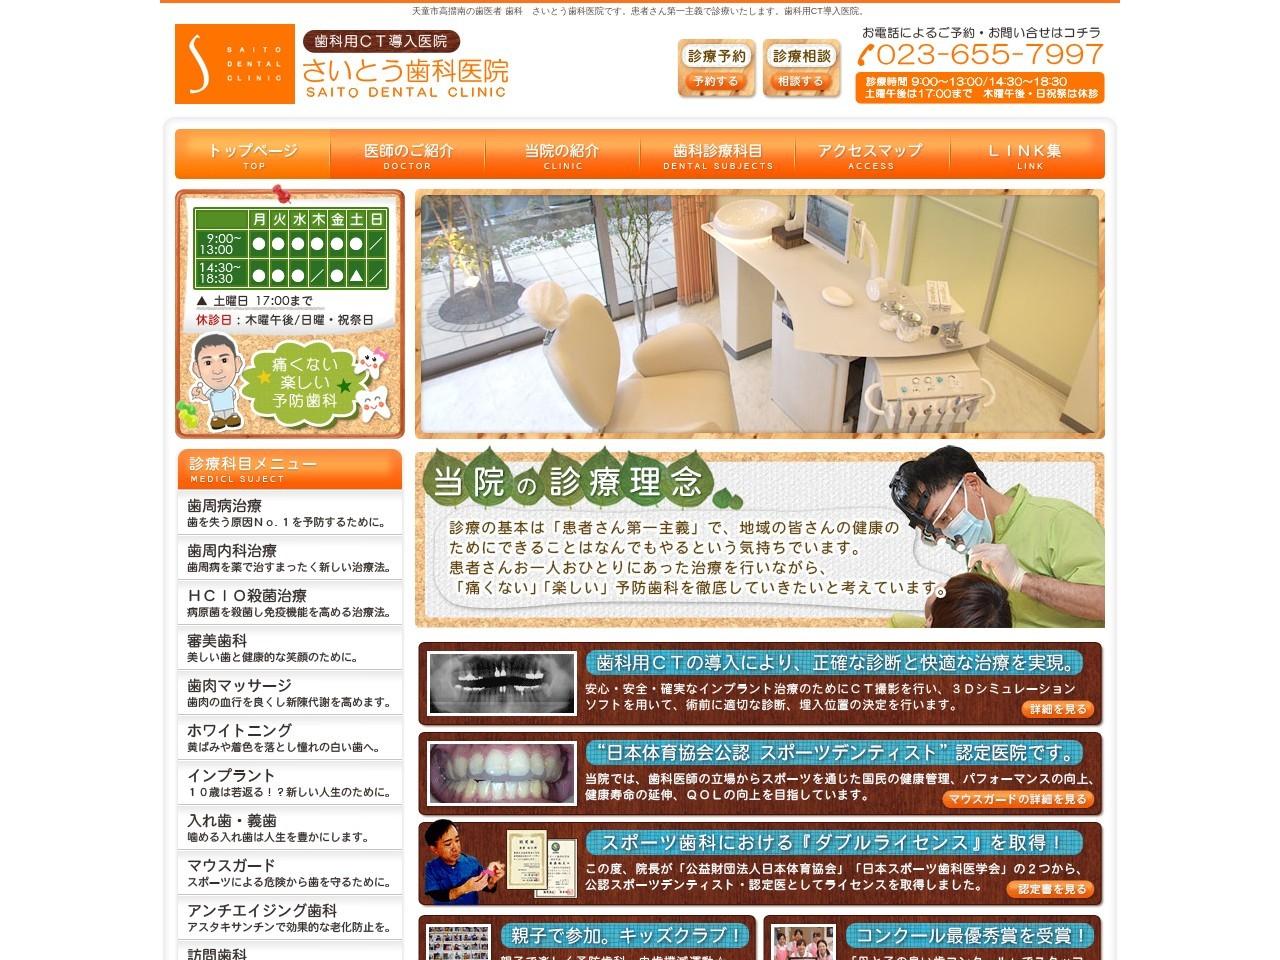 さいとう歯科医院 (山形県天童市)